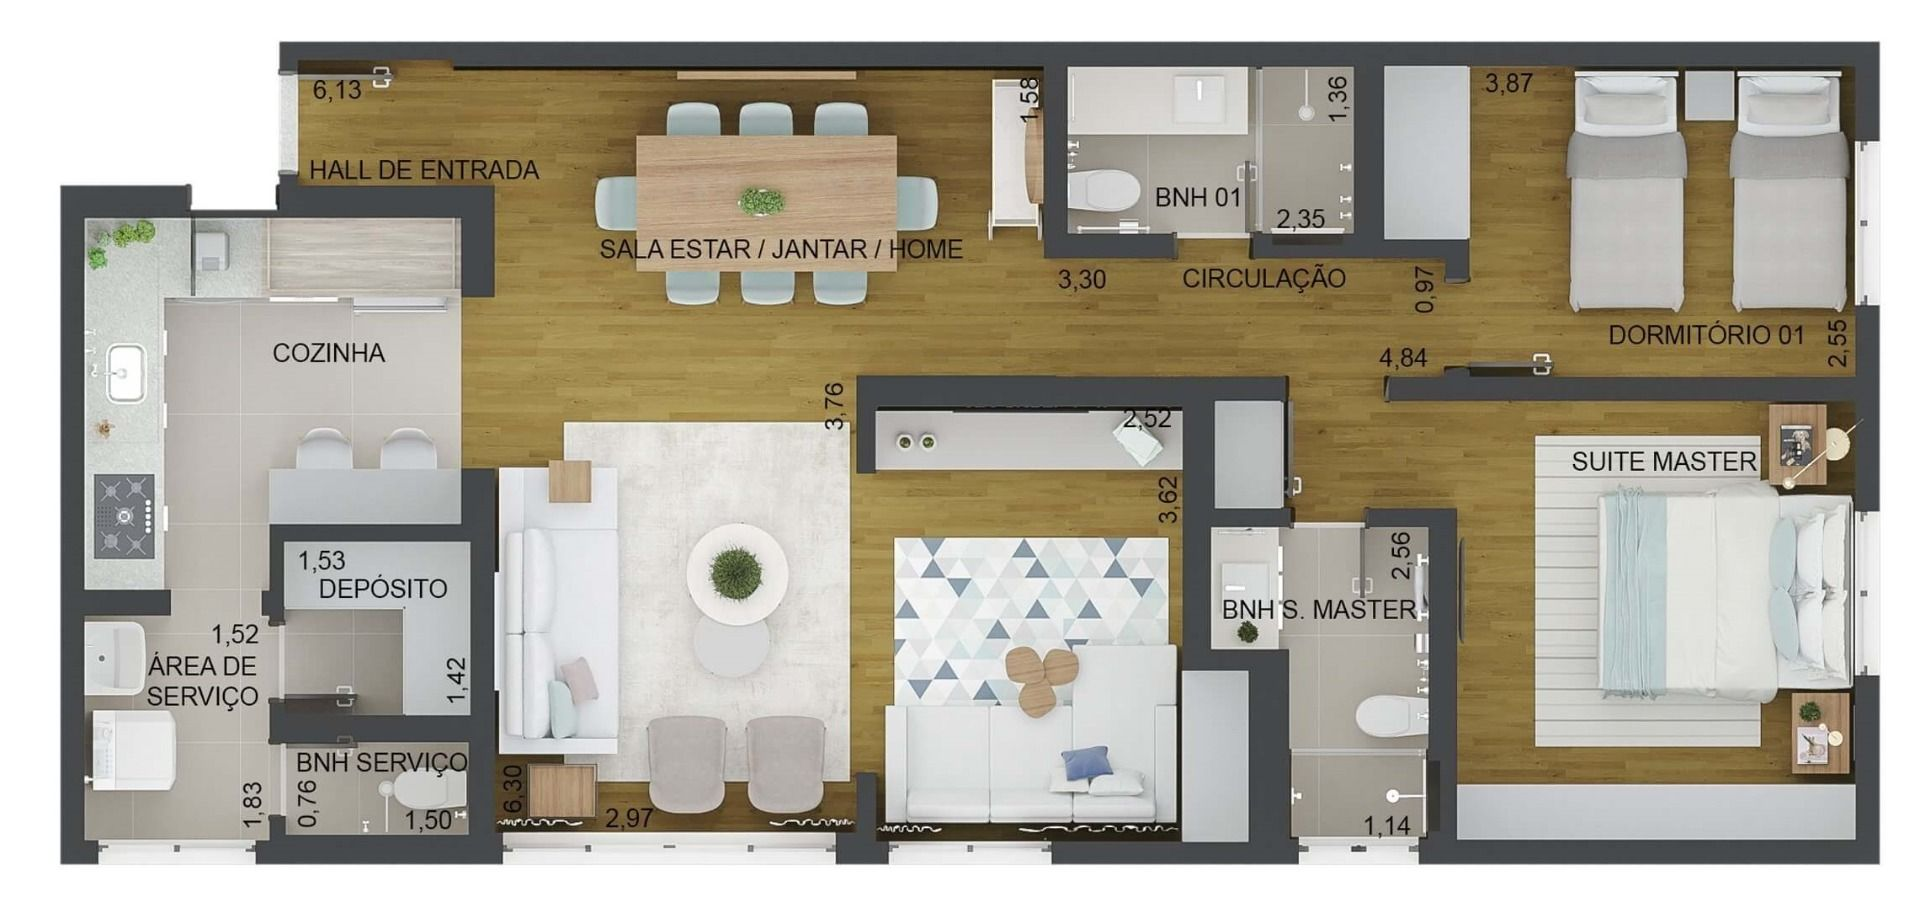 95 M² - 2 DORMITÓRIOS, SENDO 1 SUÍTE. (Apartamento 102, 10º andar).